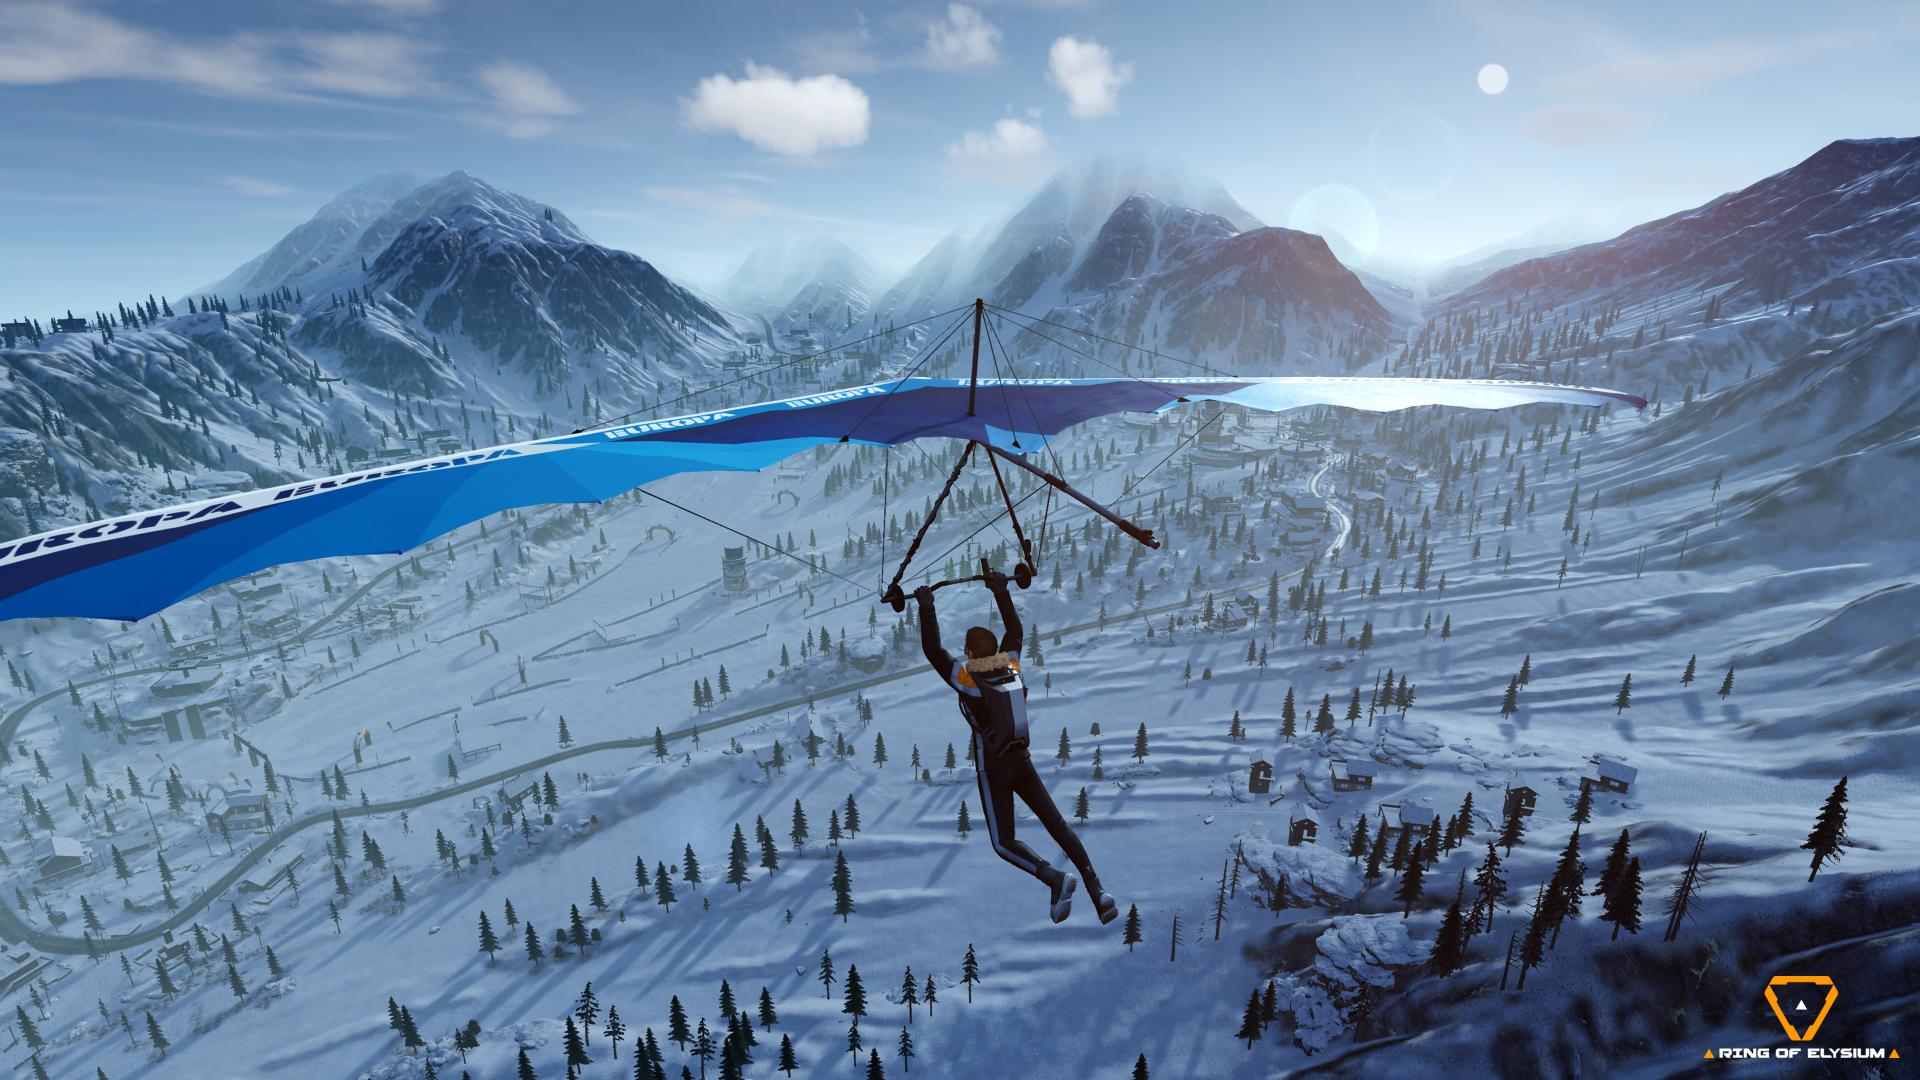 腾讯自研大逃杀游戏《无限法则》即将登陆Steam抢先体验 不支持中文